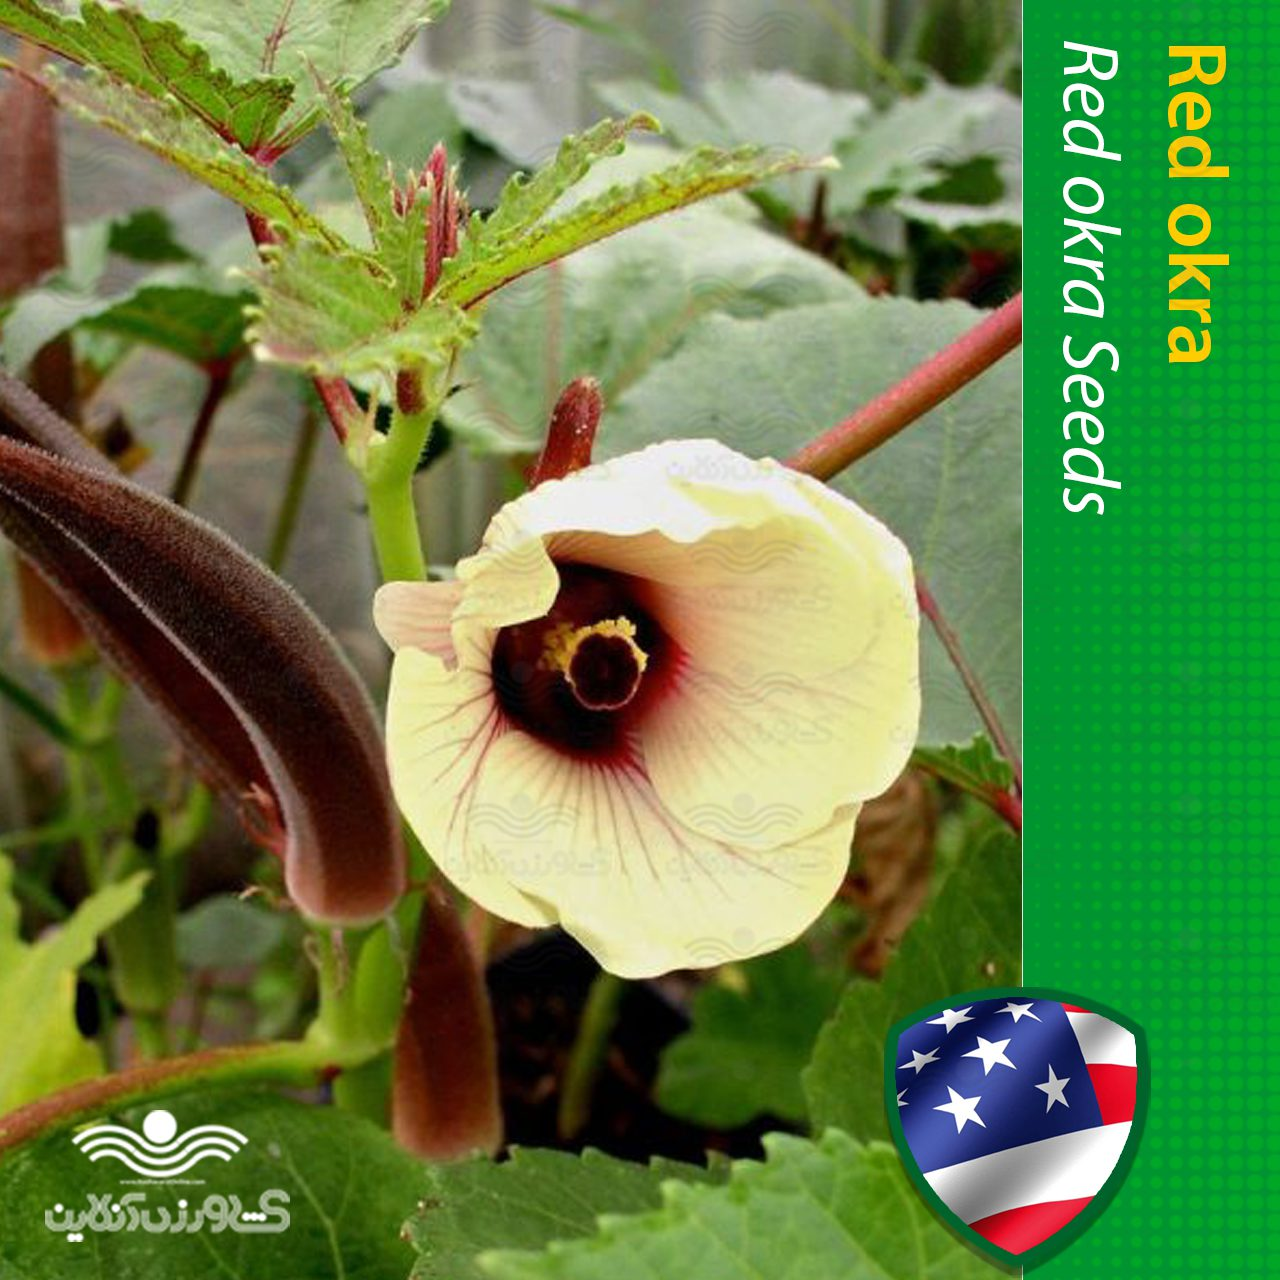 بذر بامیه قرمز آمریکایی